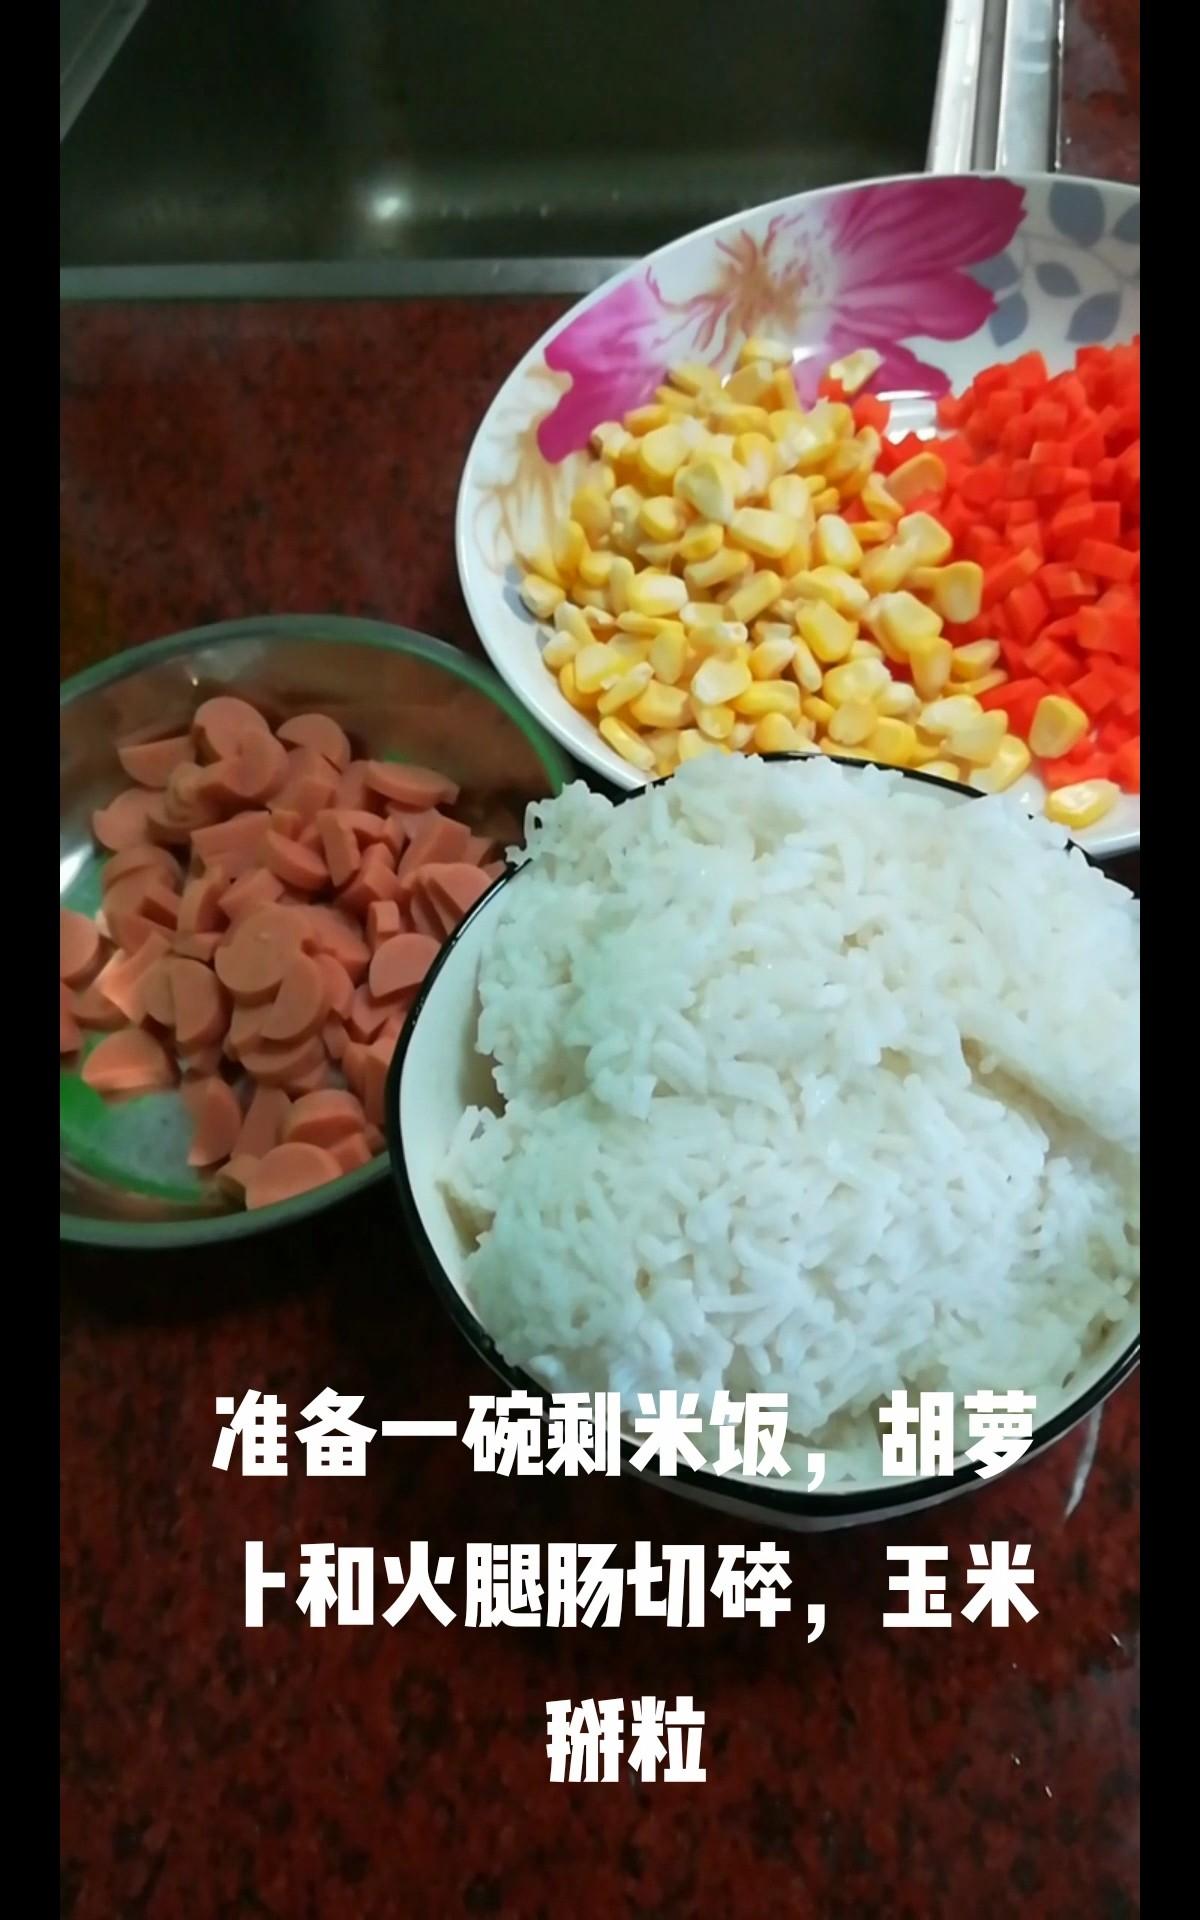 玉米蛋炒饭的做法图解